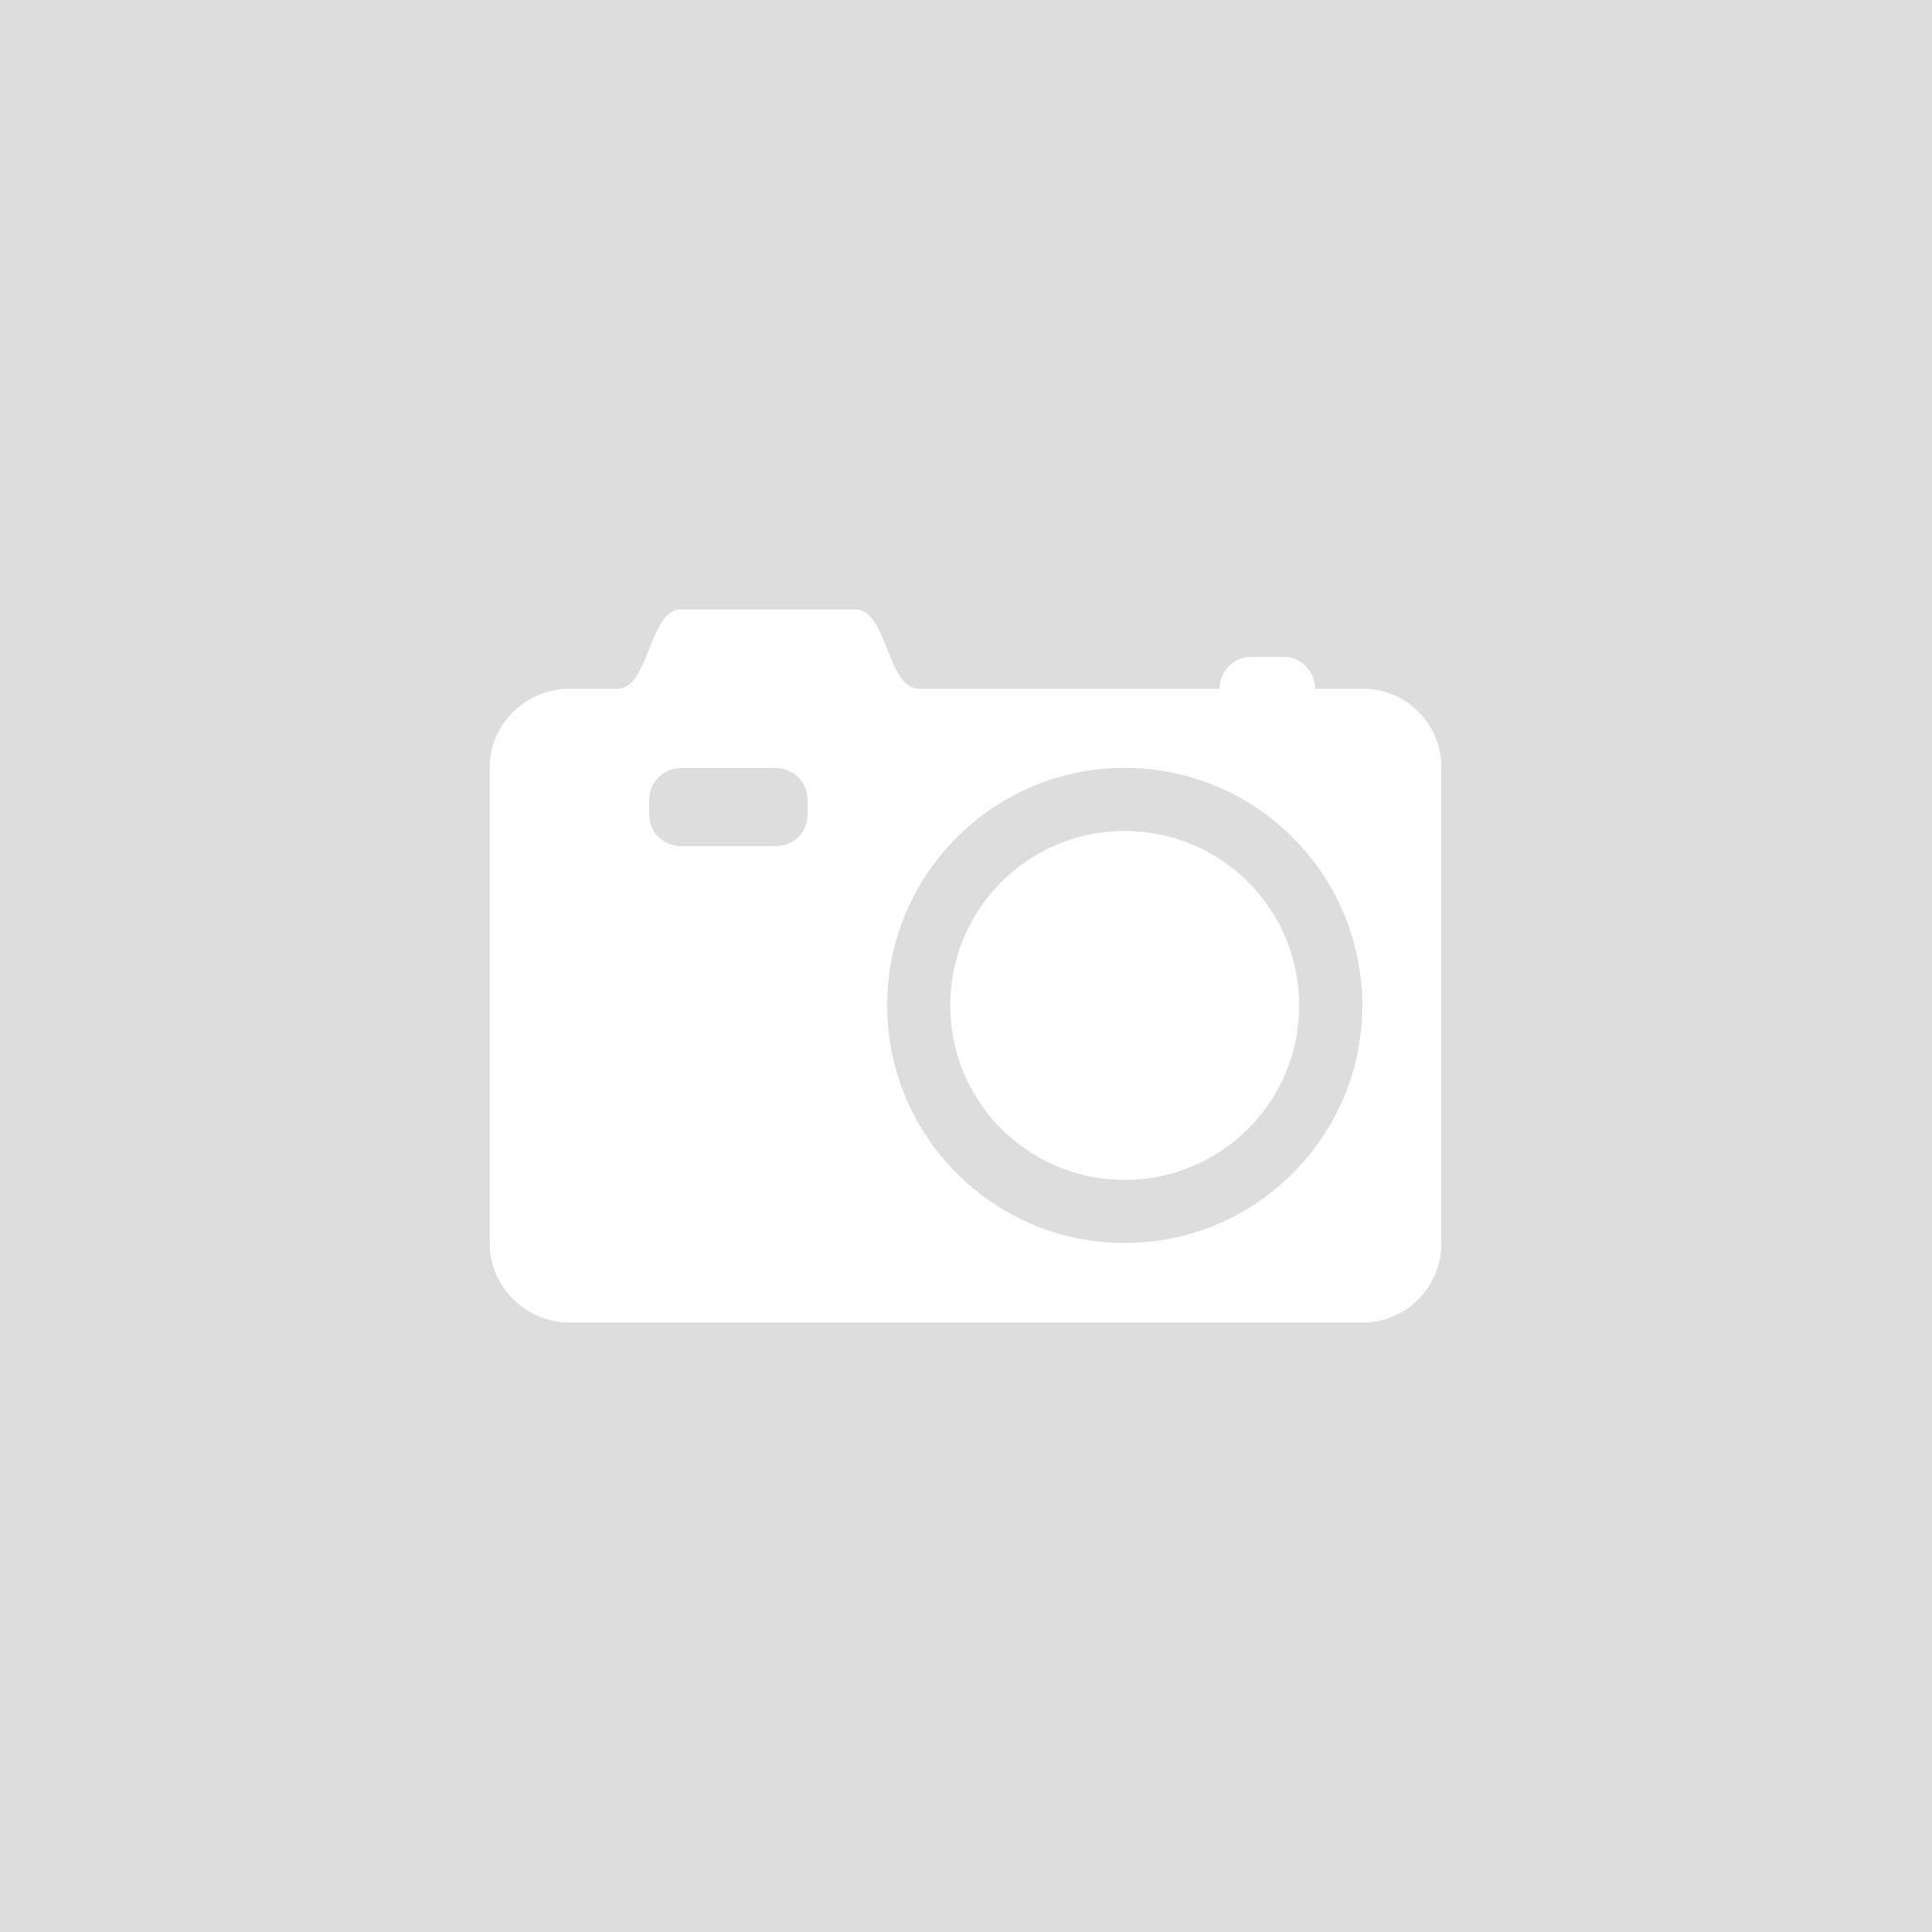 Alexa Charcoal Oriental Blossom Wallpaper by Rasch 599046